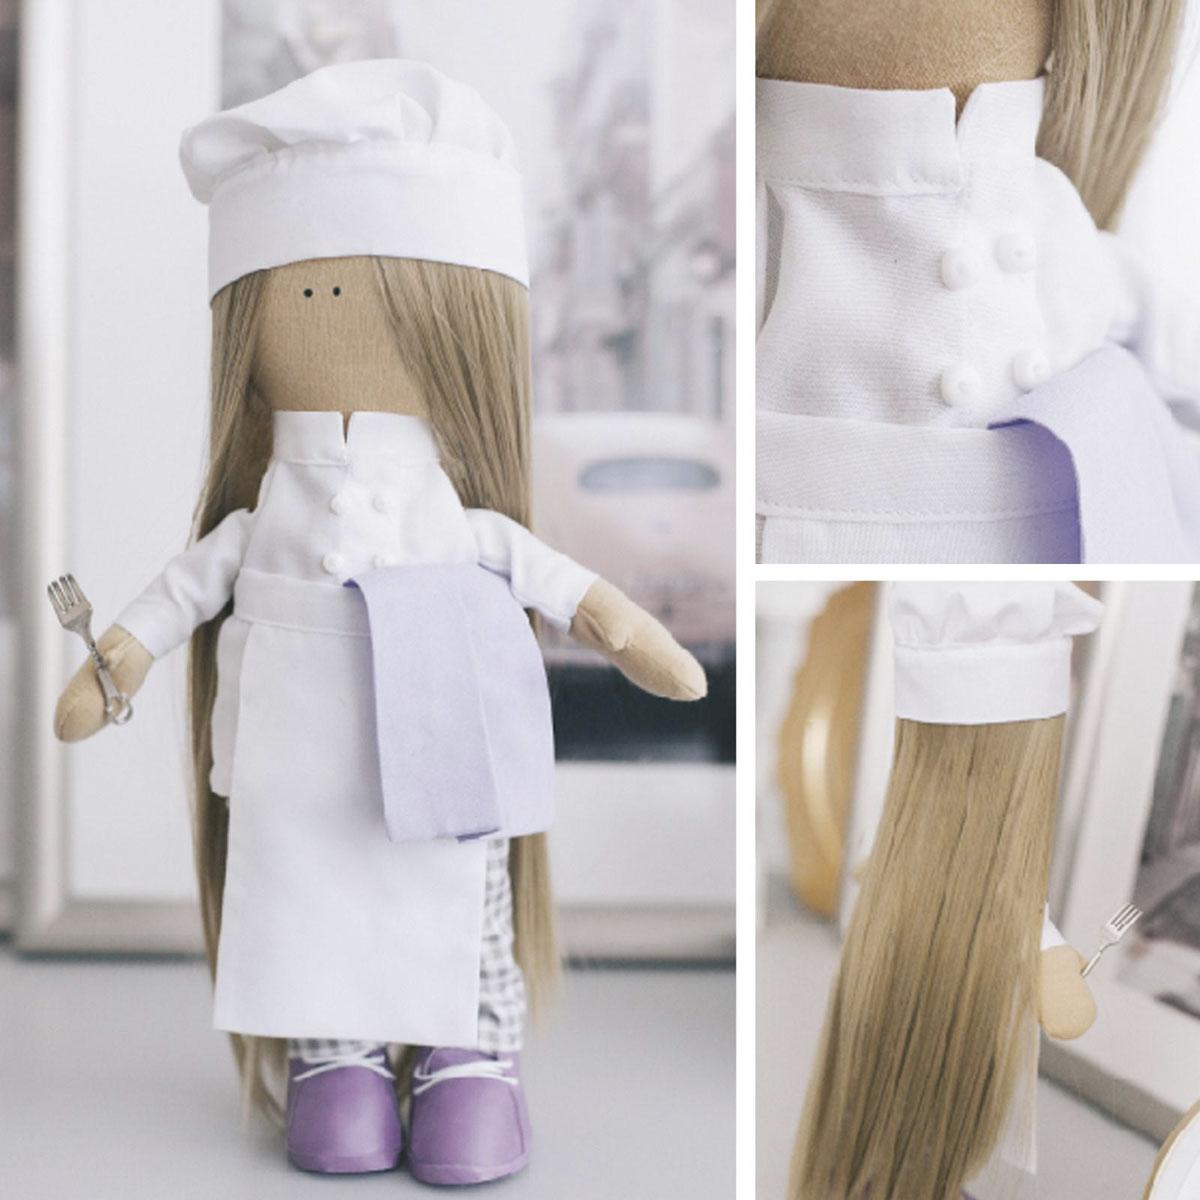 5470961 Интерьерная кукла 'Повар Селена', набор для шитья 15,6*22,4*5,2 см